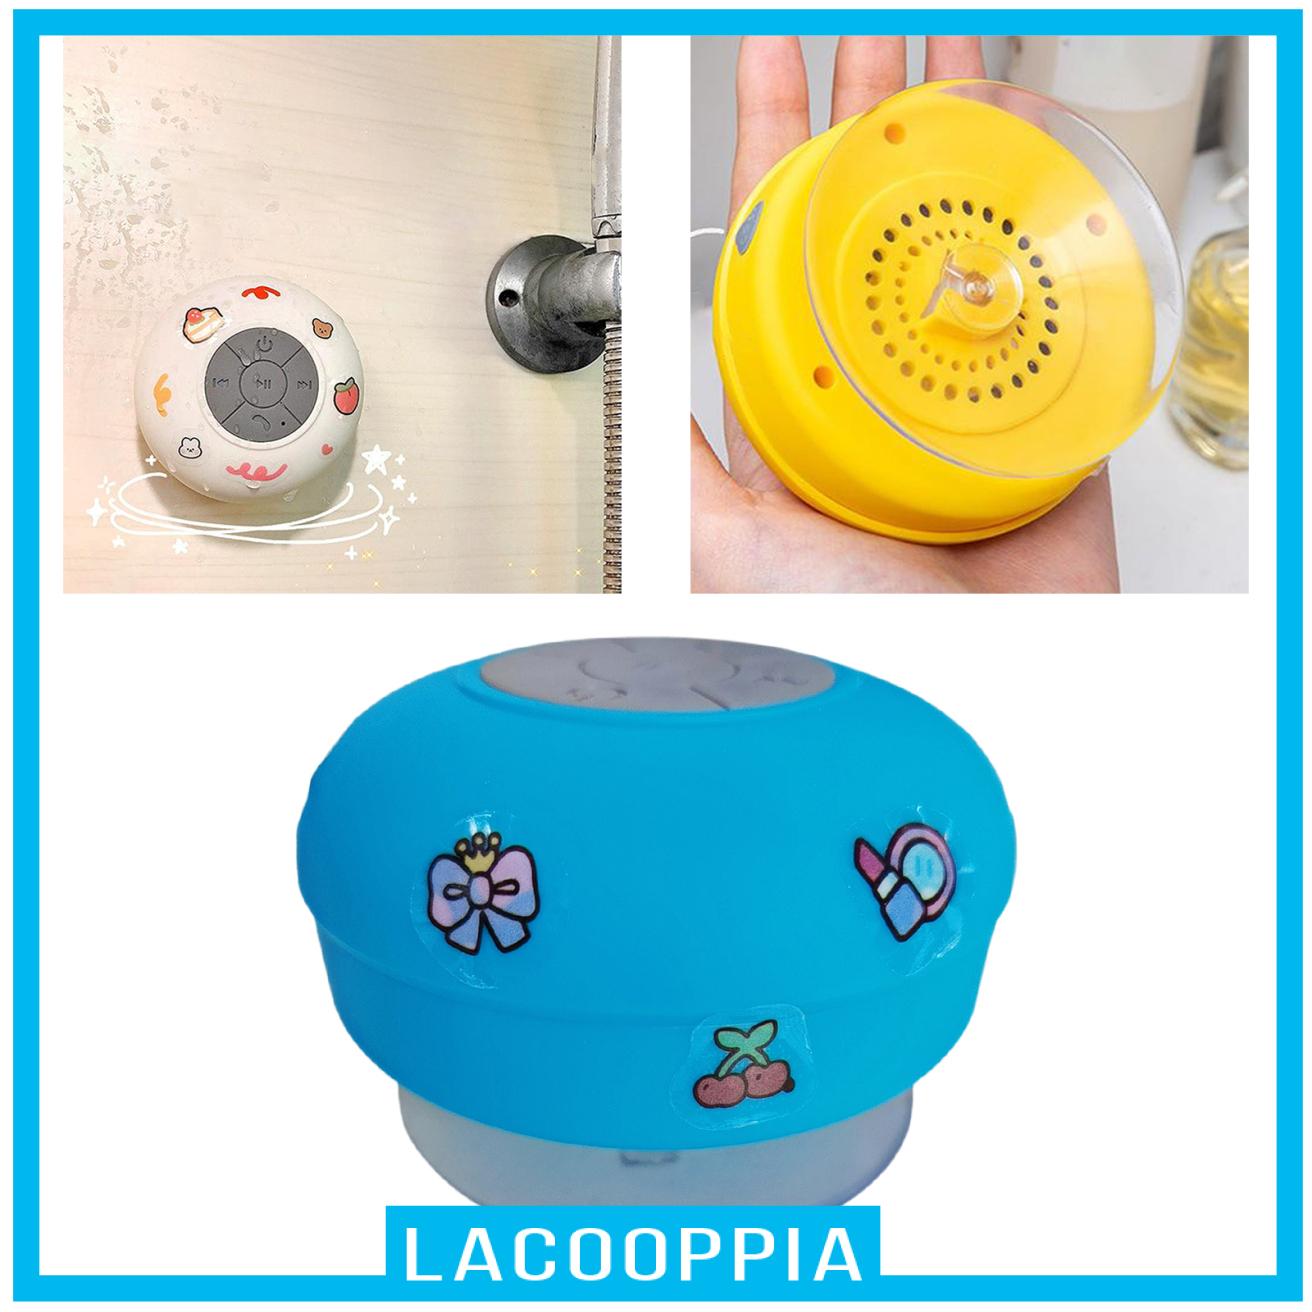 Loa Bluetooth Lapopopia Có Giác Hút Âm Thanh 3h